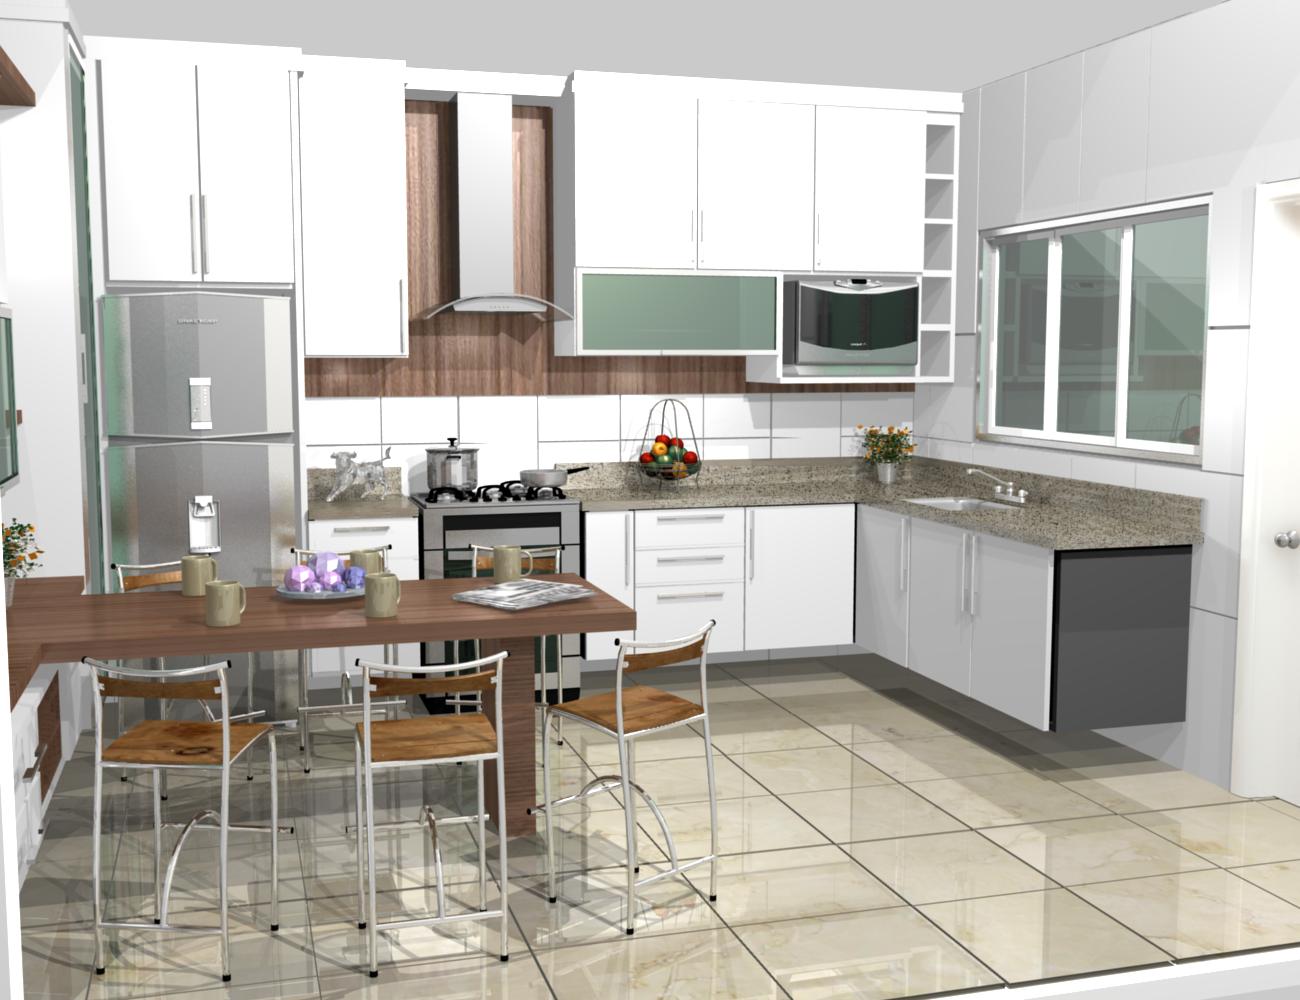 Cozinha Pequena Decorada Simples Cozinhas Pequenas Apartamento